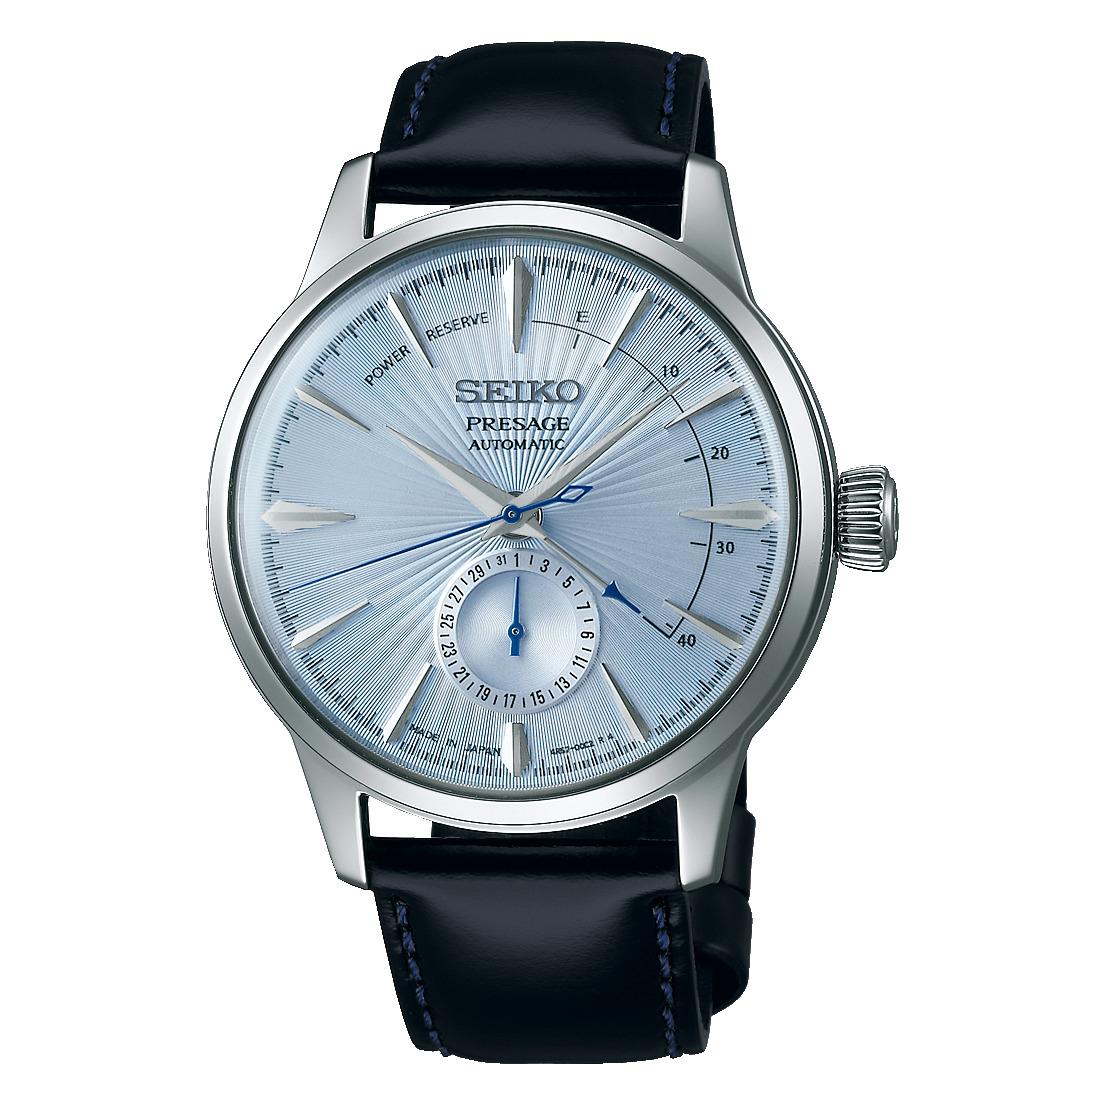 正規品 SEIKO PRESAGE セイコープレザージュ SARY131 ベーシックライン 腕時計